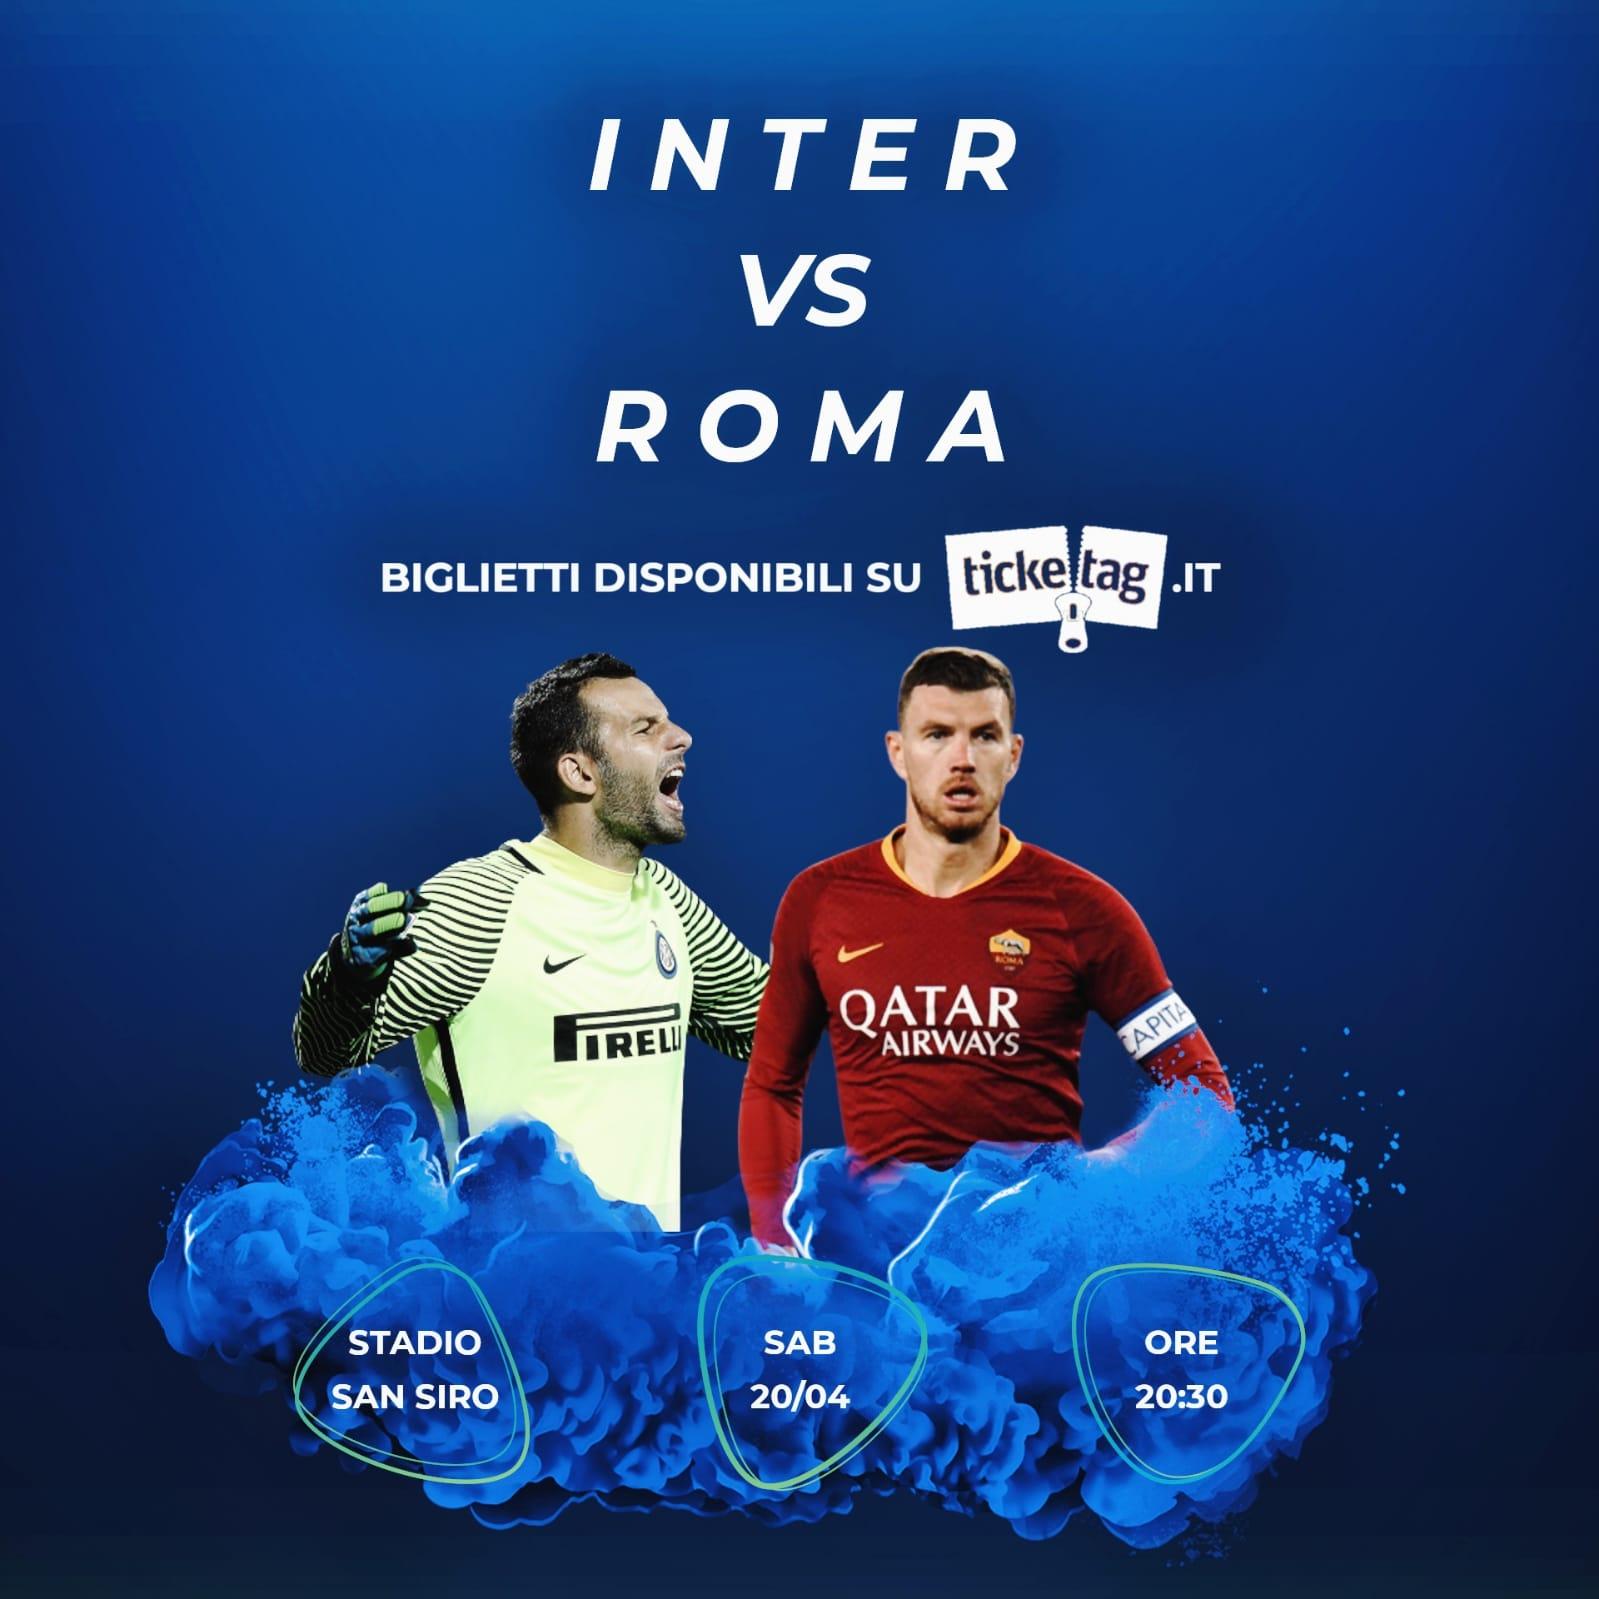 Vuoi acquistare o vendere biglietti per Inter-Roma? Scopri come con Ticketag